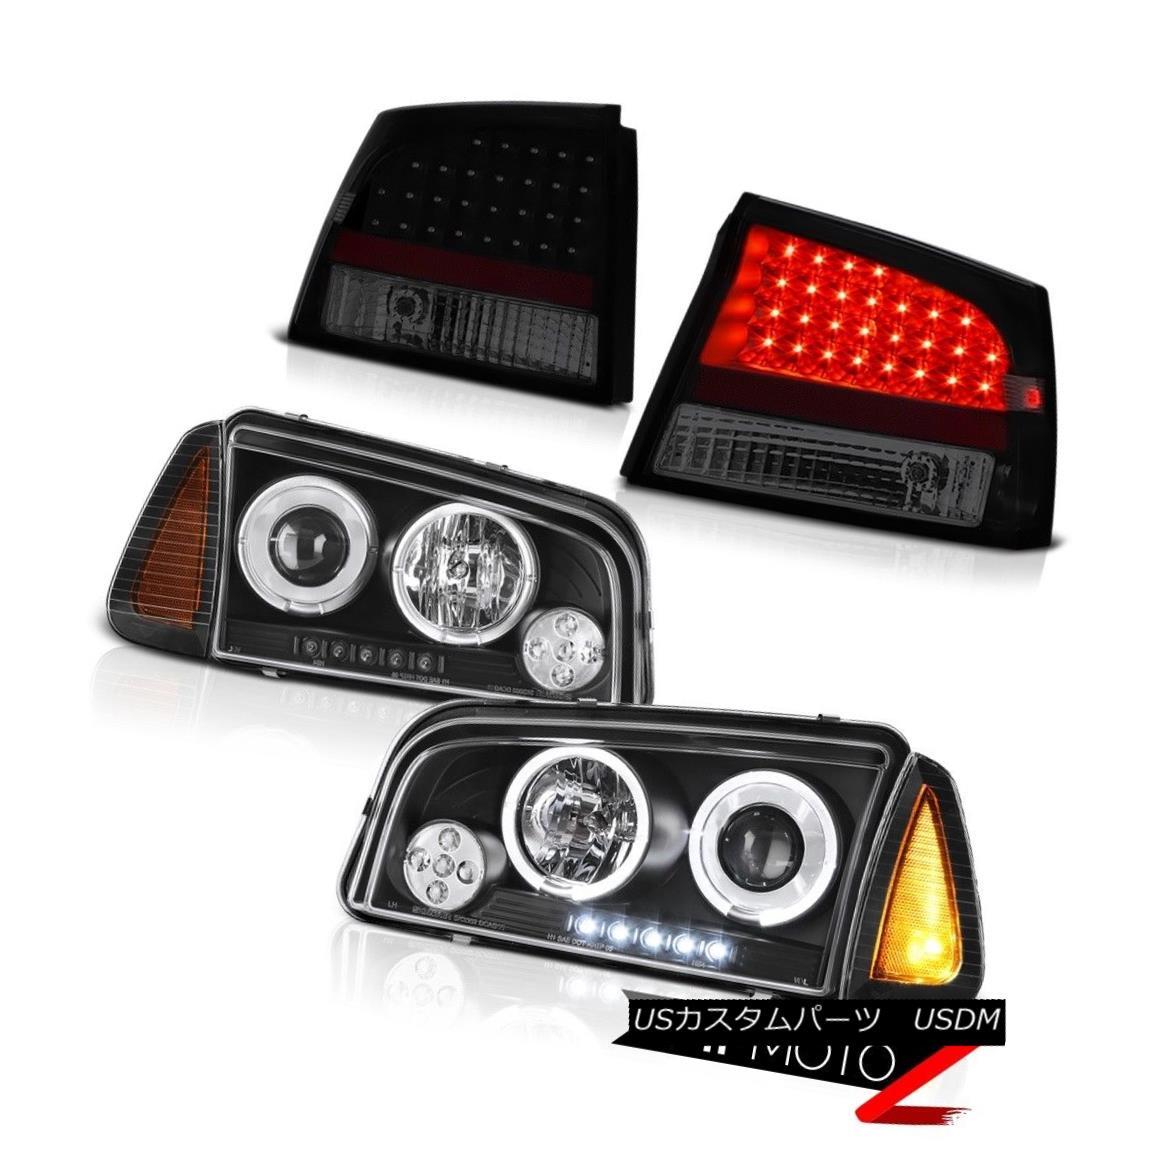 テールライト 2006-2008 Dodge Charger 3.5L Taillamps nighthawk black corner lamp headlights 2006-2008ダッジチャージャー3.5L Taillampsナイトホークブラックコーナーランプヘッドライト